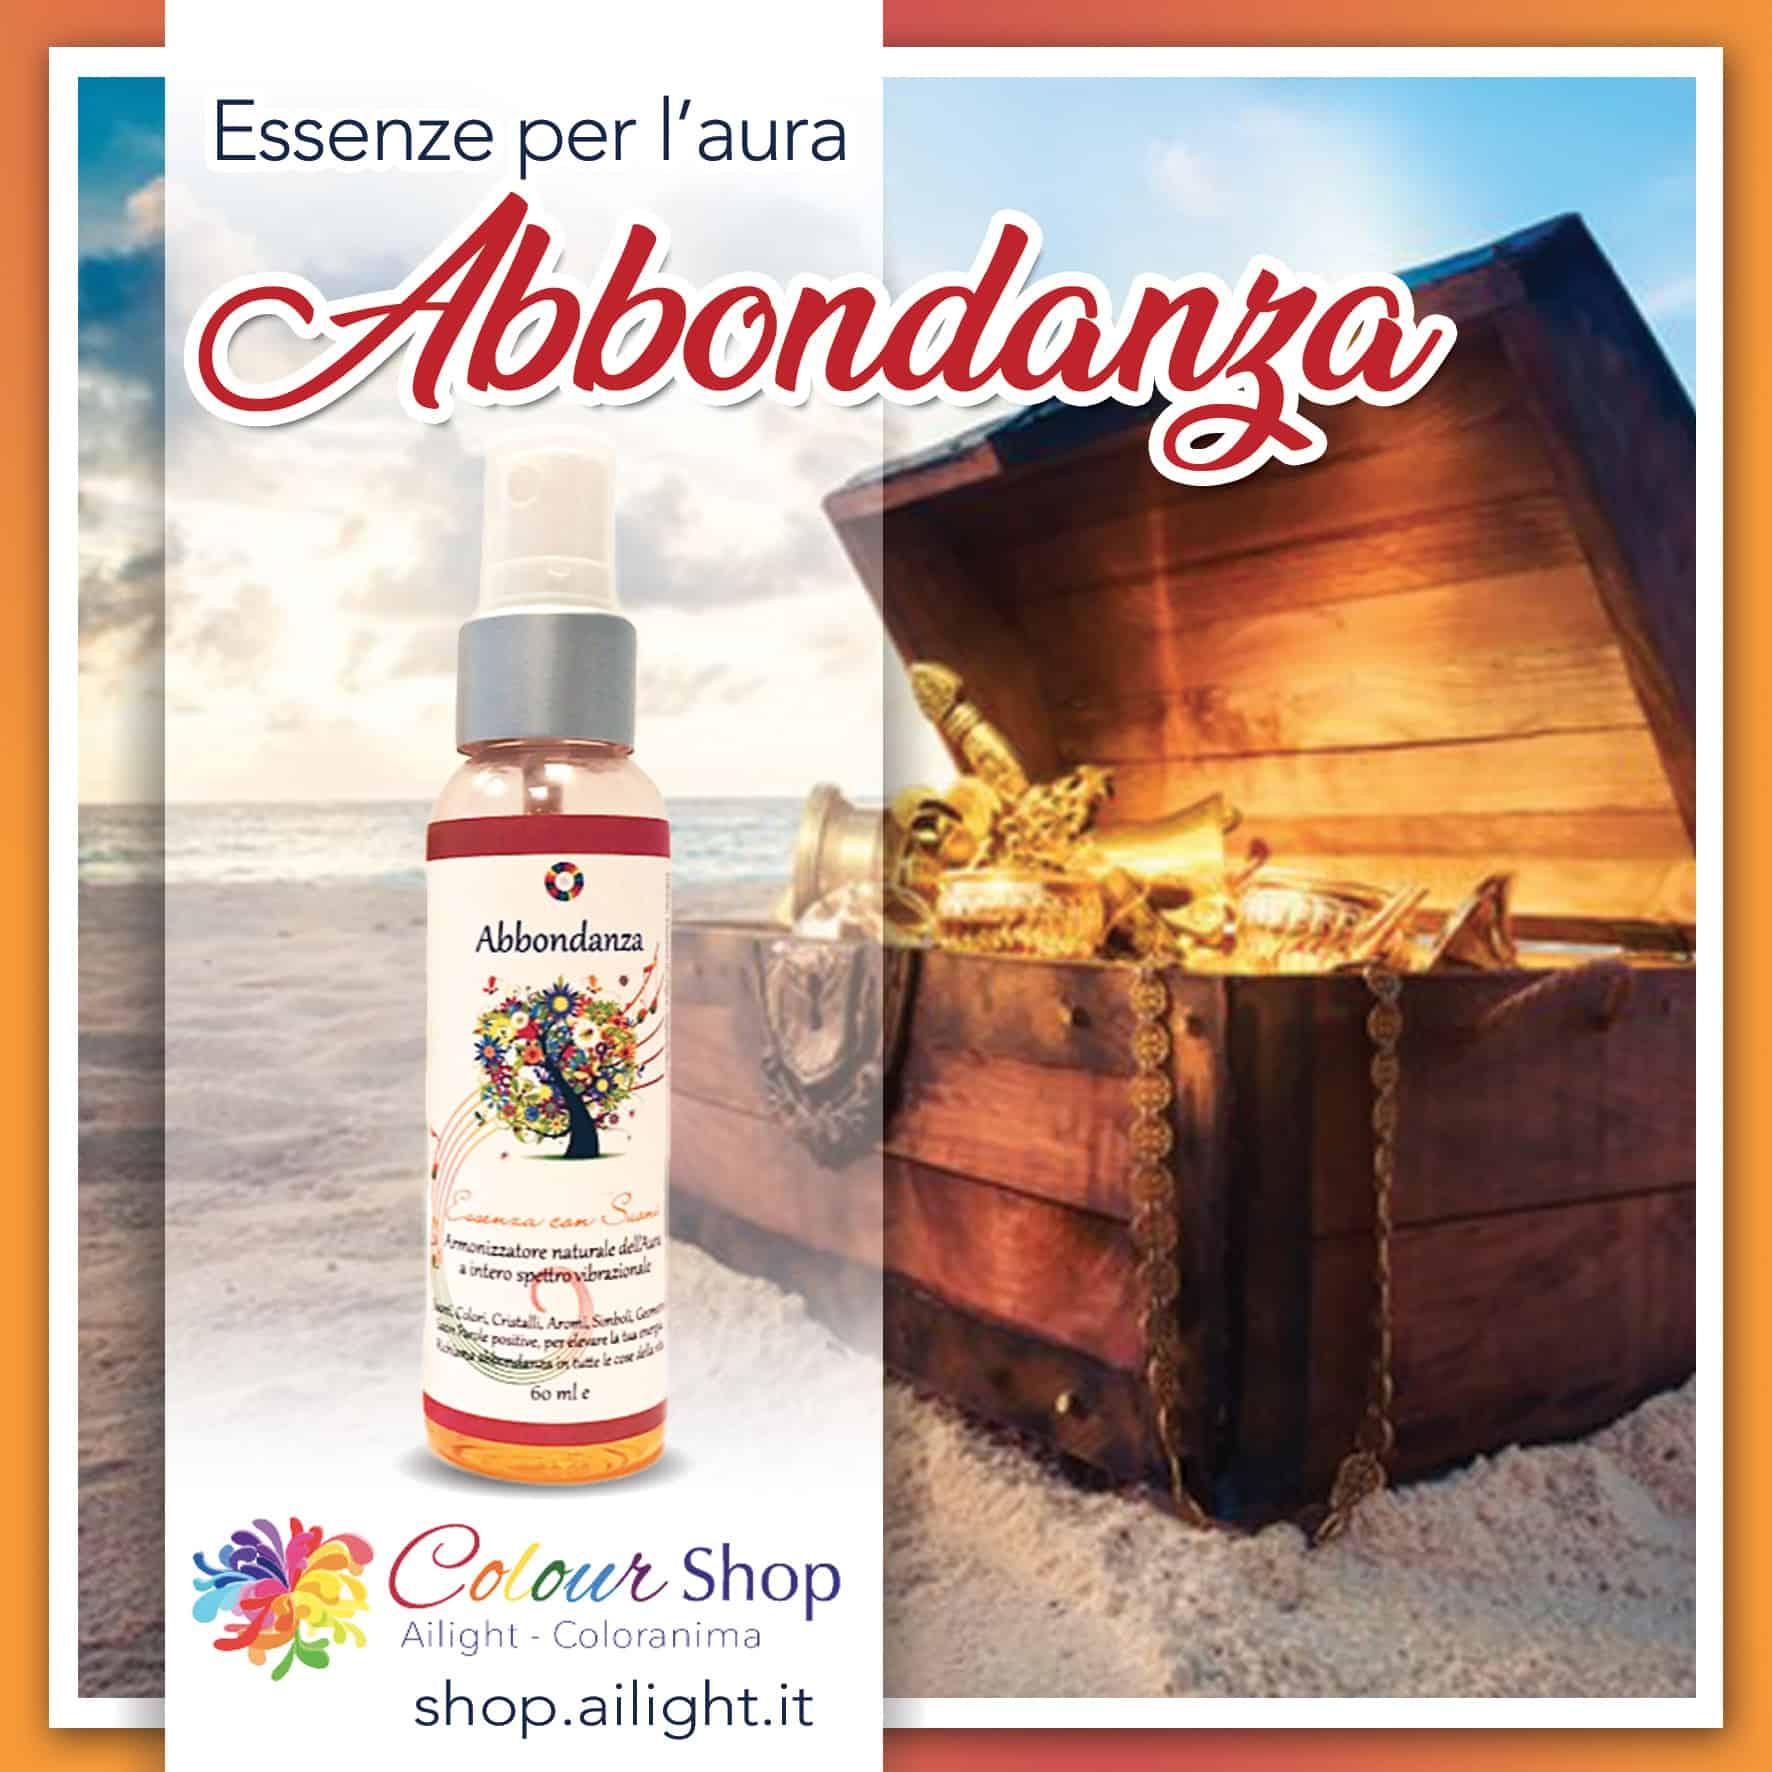 Abundance – Abbondanza